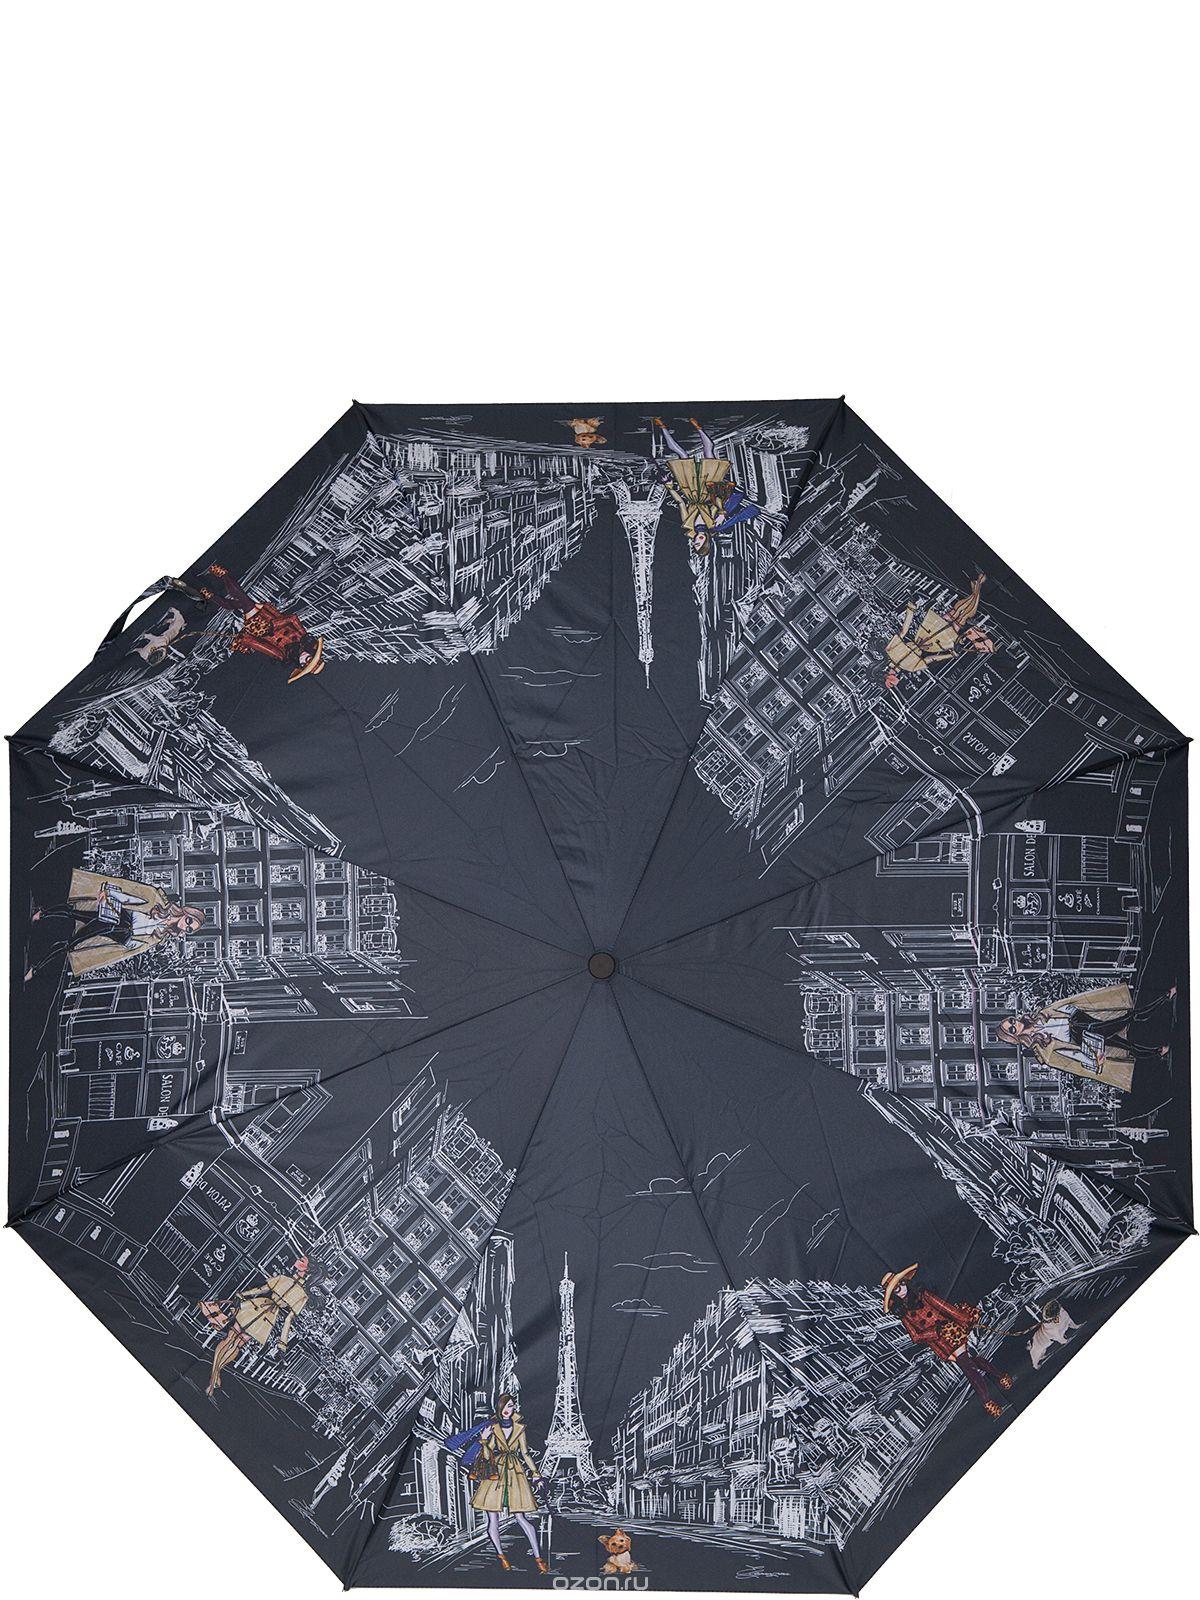 Зонт женский Eleganzza, автомат, 3 сложения, цвет: черный. A3-05-0268LSA3-05-0268LSЖенский зонт-автомат торговой марки ELEGANZZA с каркасом Smart, который позволяет без особых усилий складывать зонт, не позволяя стержню вылетать обратно. Купол: 100% полиэстер, эпонж. Материал каркаса: сталь + алюминий + фибергласс. Материал ручки: пластик. Длина изделия - 30 см. Диаметр купола - 105 см. Система Smart, не позволяет стержню при сложении вылететь обратно, это облегчает сложение зонта! При сложении есть характерный звук-треск, как трещетка. Примечание: зонт не откроется с кнопки если его не закрыть до щелчка!